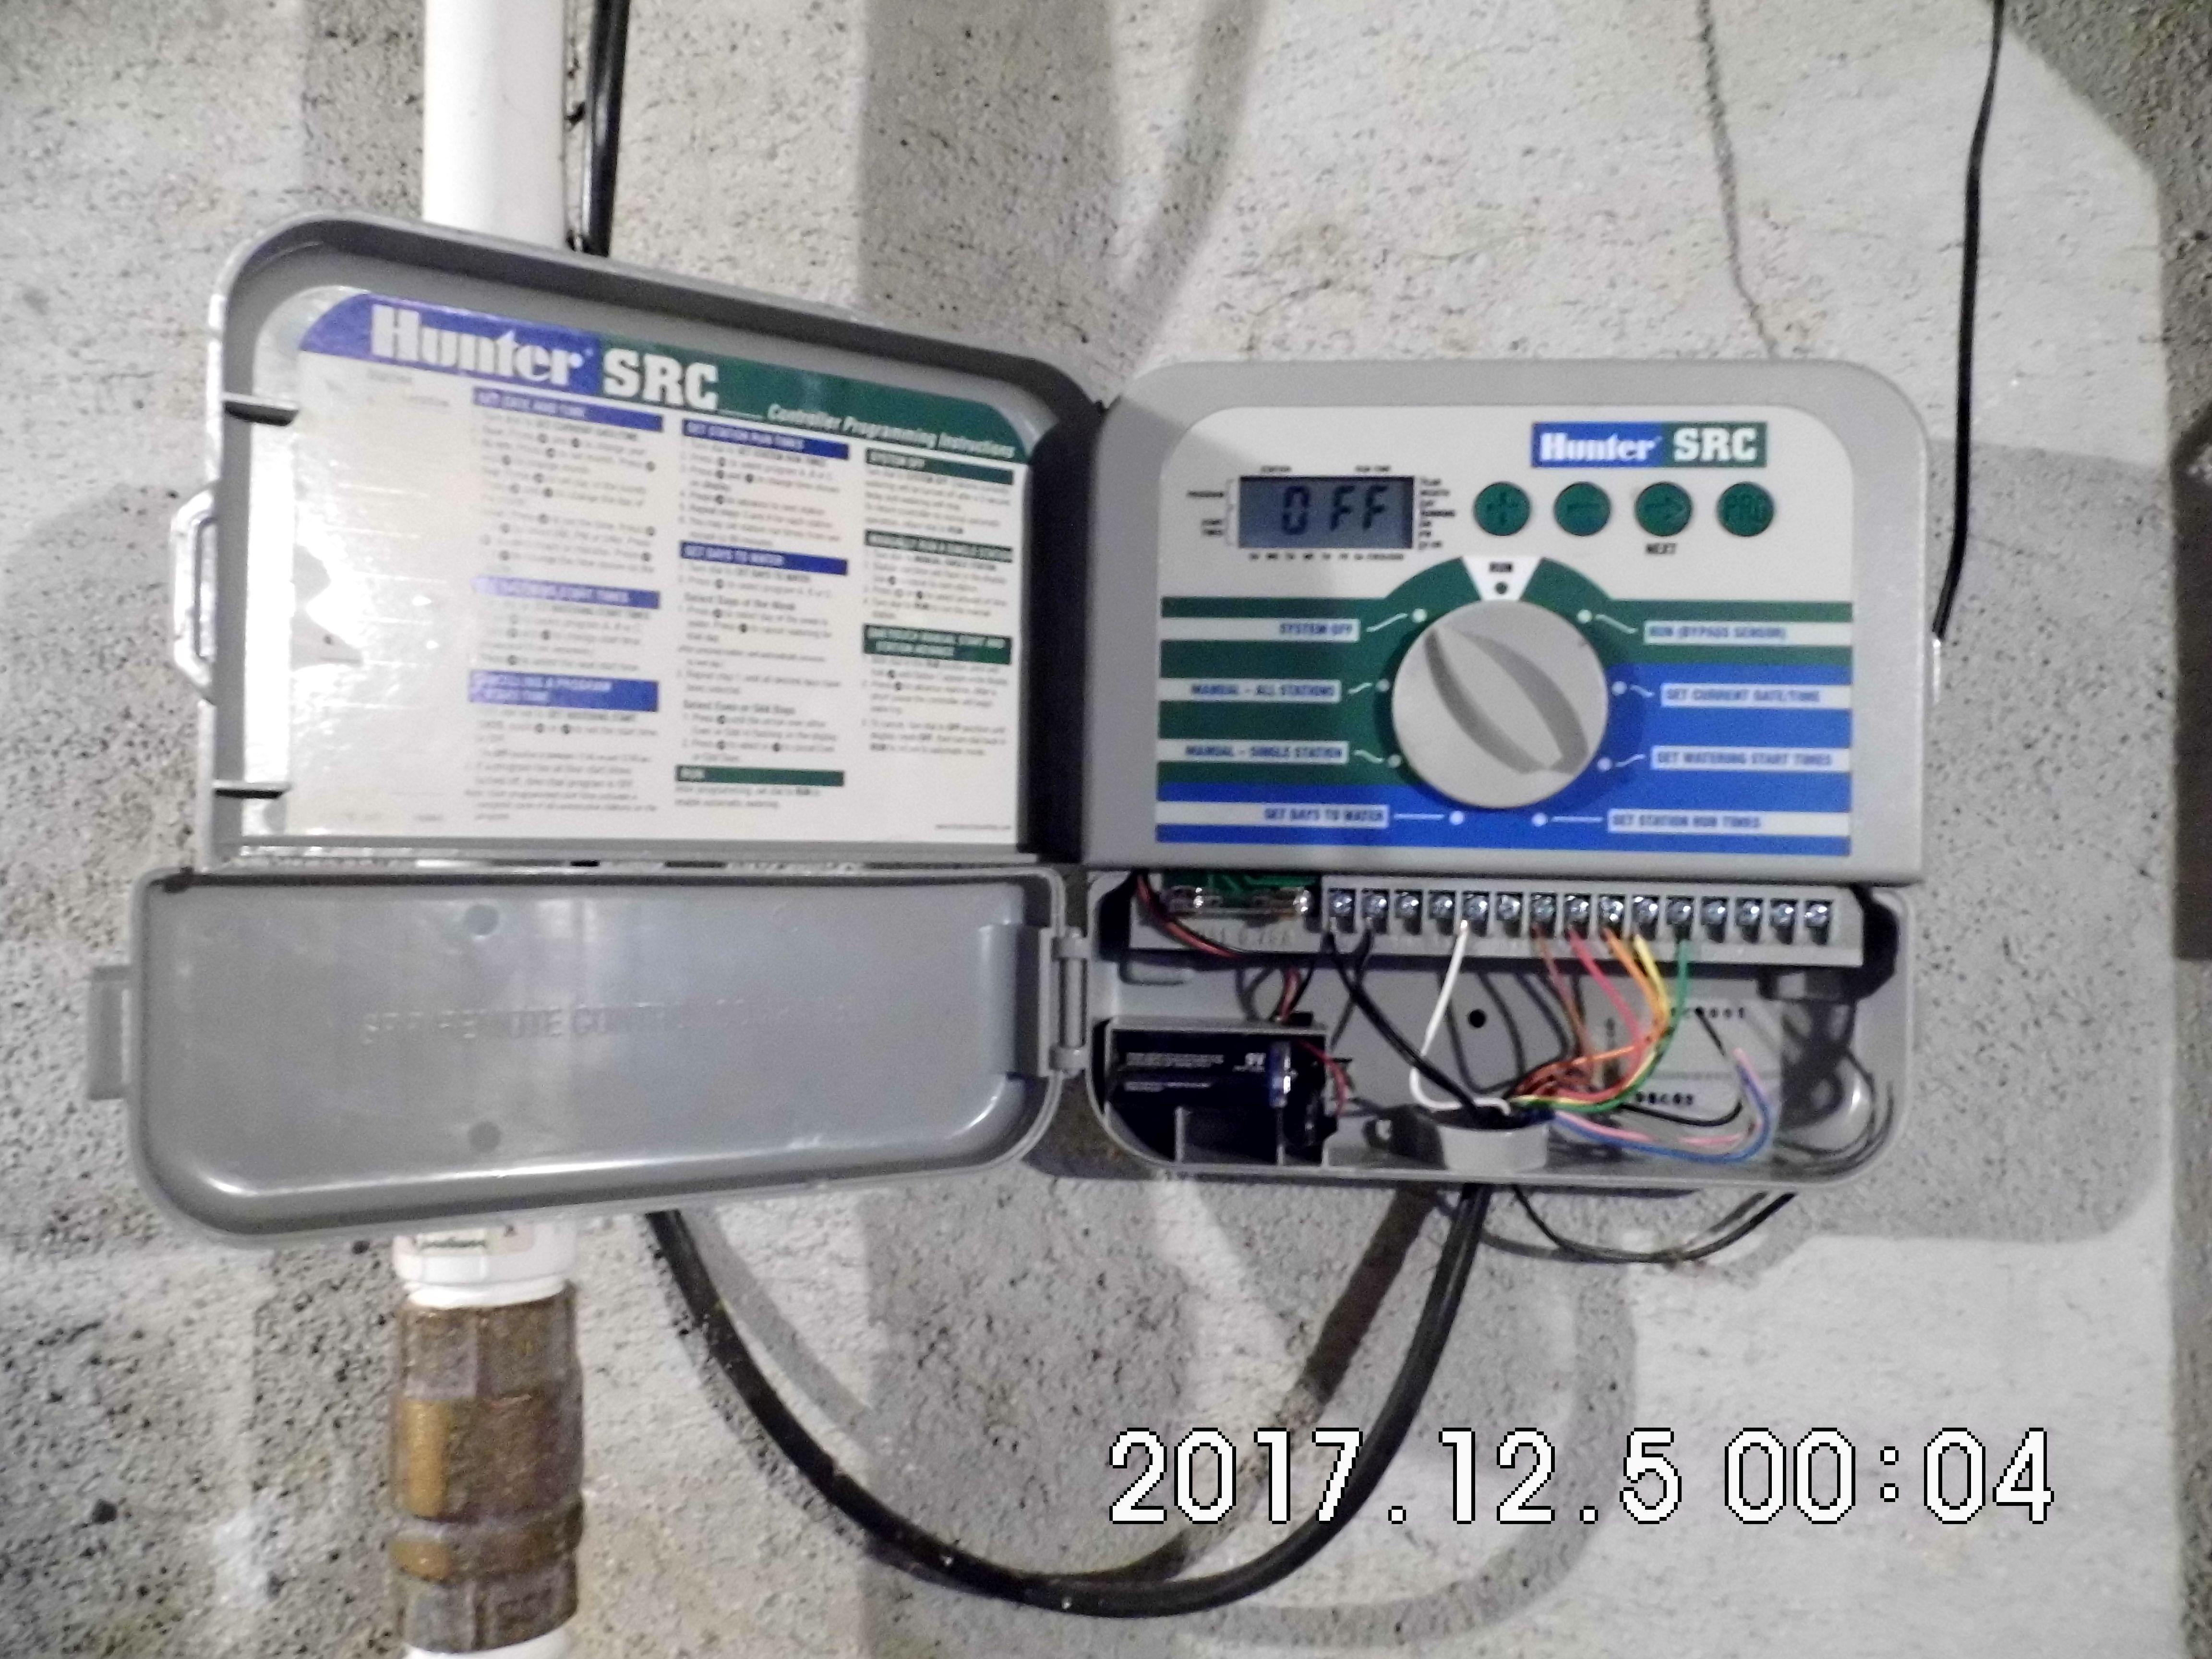 02.3 UG Sprinkler Controller